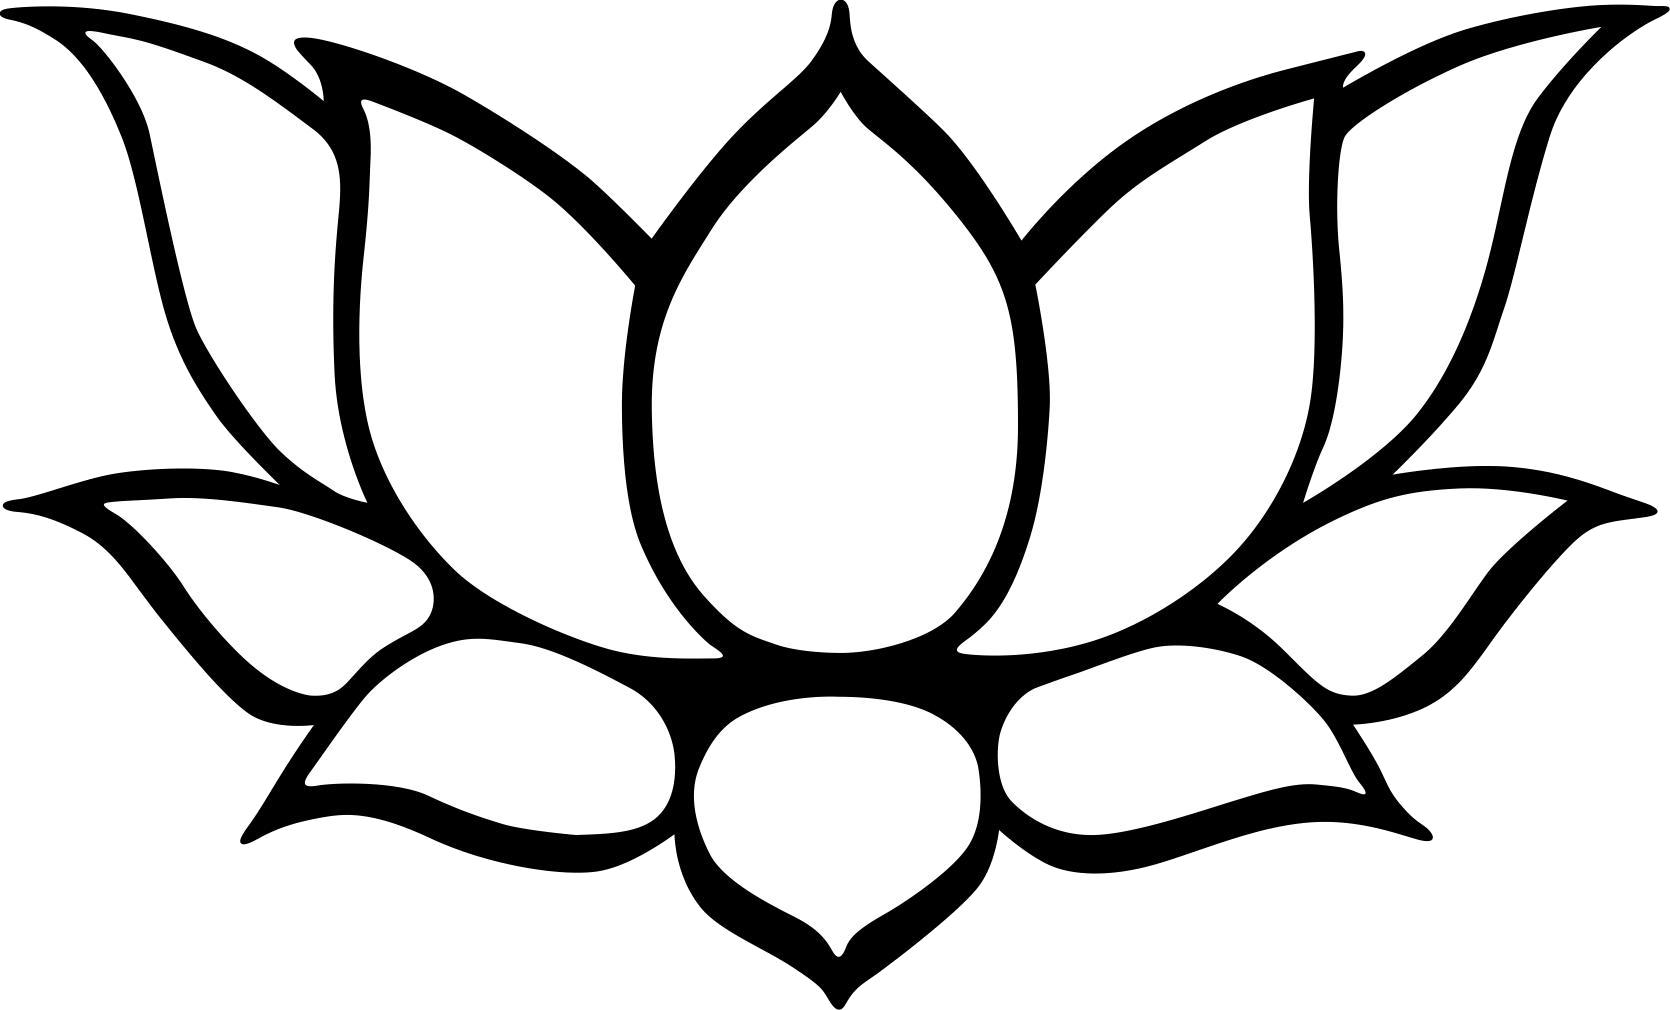 1670x1010 Simple Lotus Flower Drawing Wallpapers Gallery